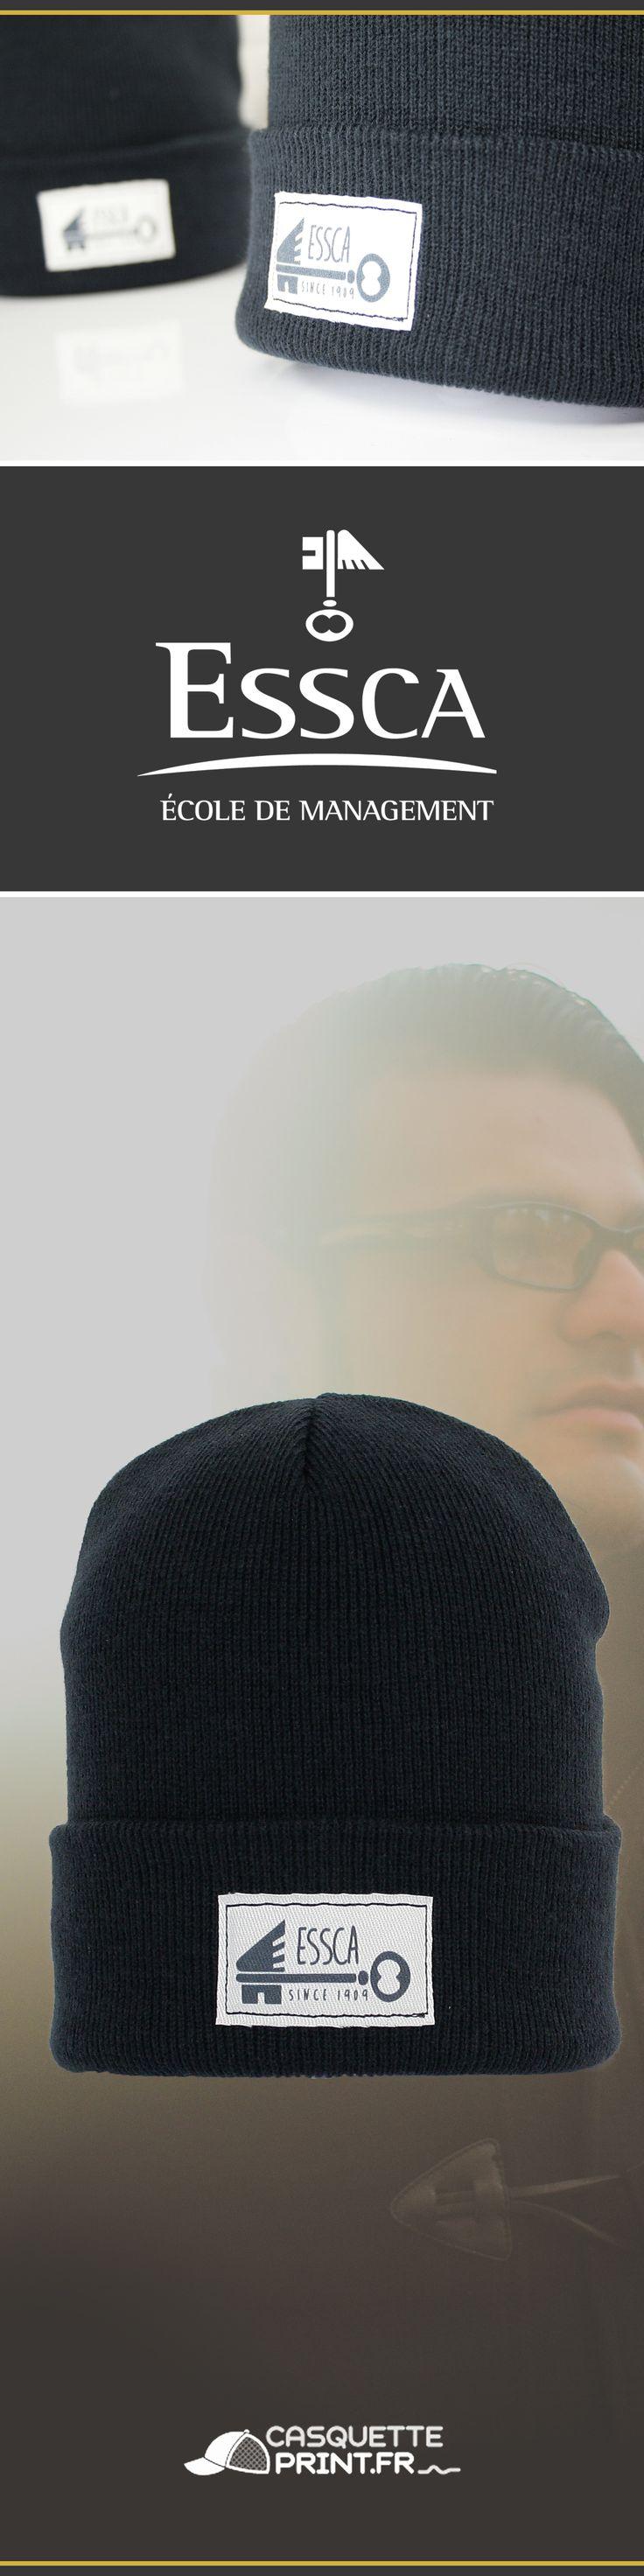 Bonnet conçu exclusivement pour l'école de management ESSCA. #bonnet #winter #essca #perso